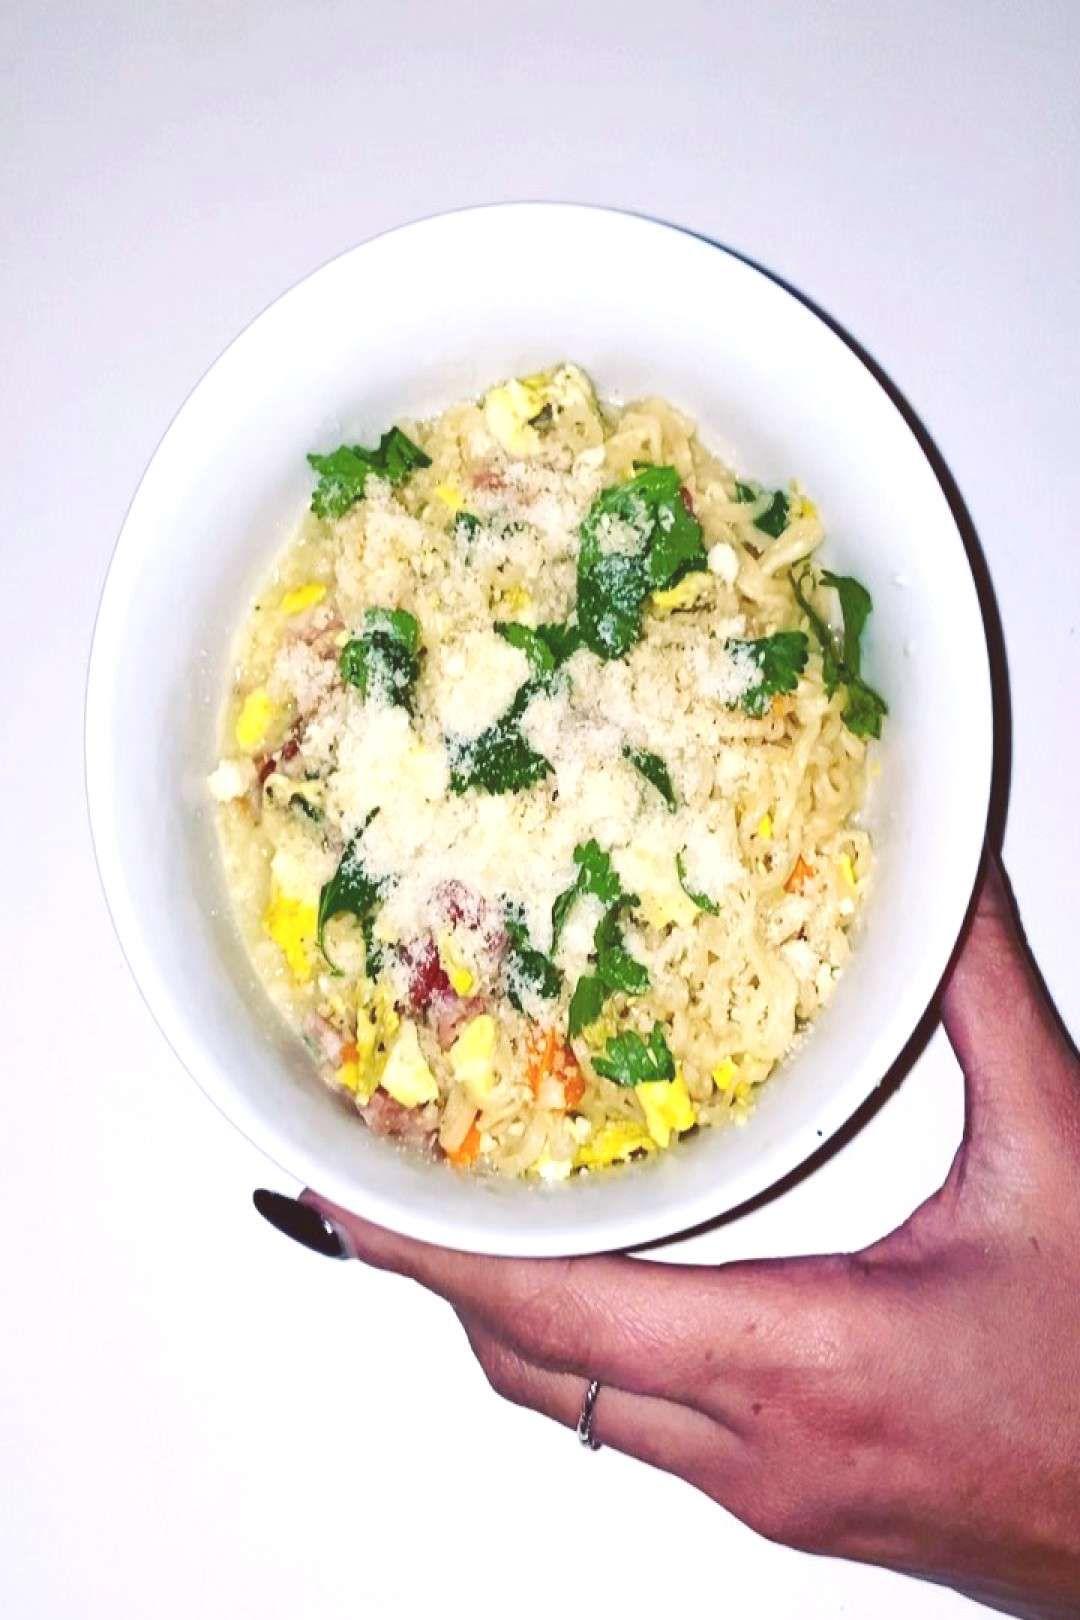 #ramennoodles #parmesan #cheese #butter #pepper #bacon #eggs #salt #food #RamenNoodles eggs, parmesan cheese, bacon, butter, salt & pepperYou can find Ramen noodles and more on our website.#RamenNoodles eggs, parmesan cheese, bacon, butter...